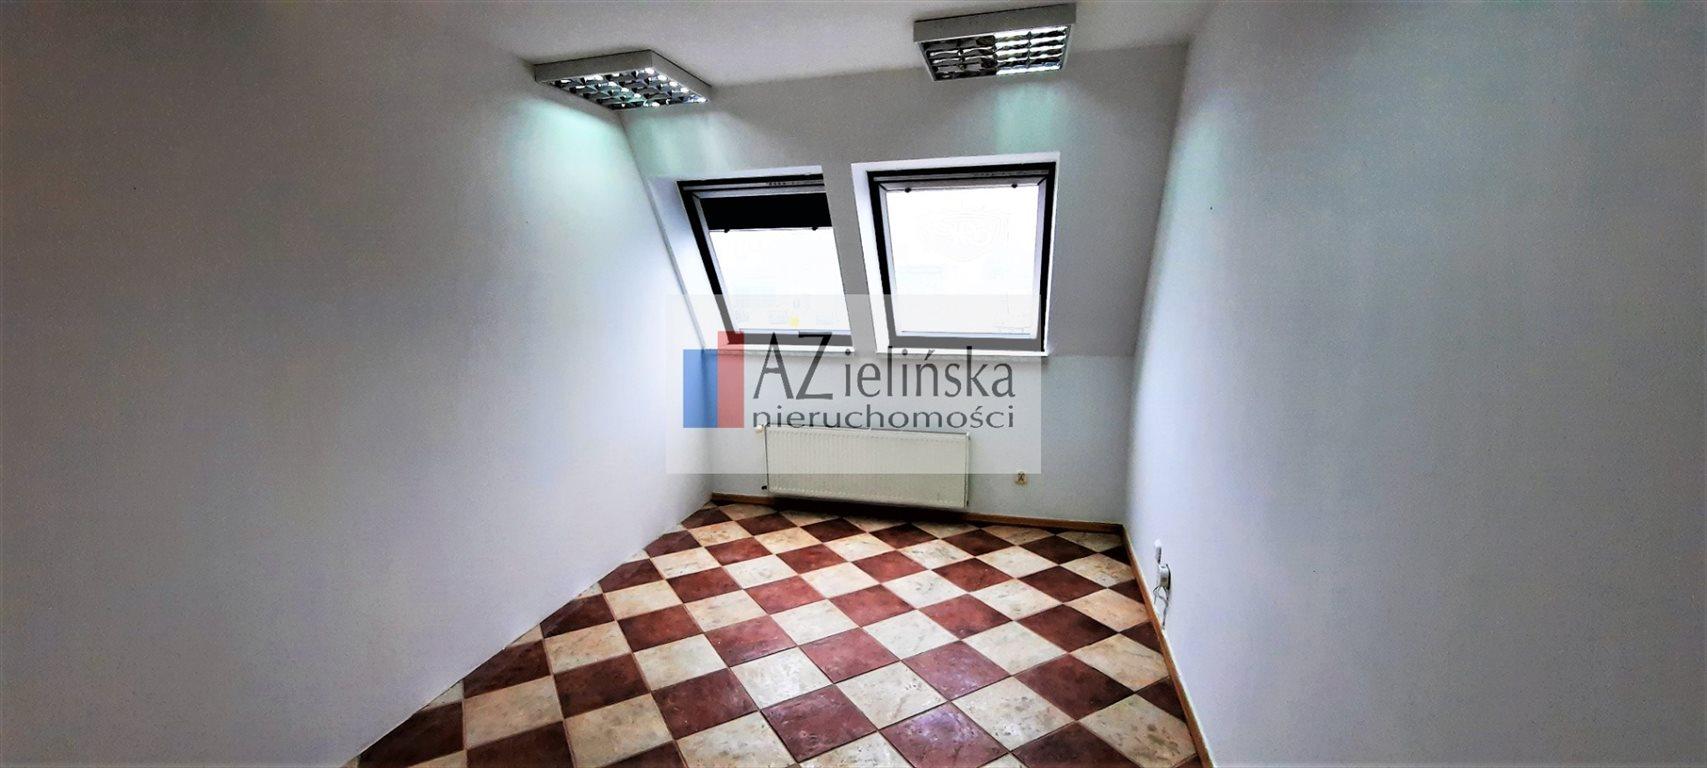 Mieszkanie dwupokojowe na wynajem Suchy Las, Obornicka  58m2 Foto 3